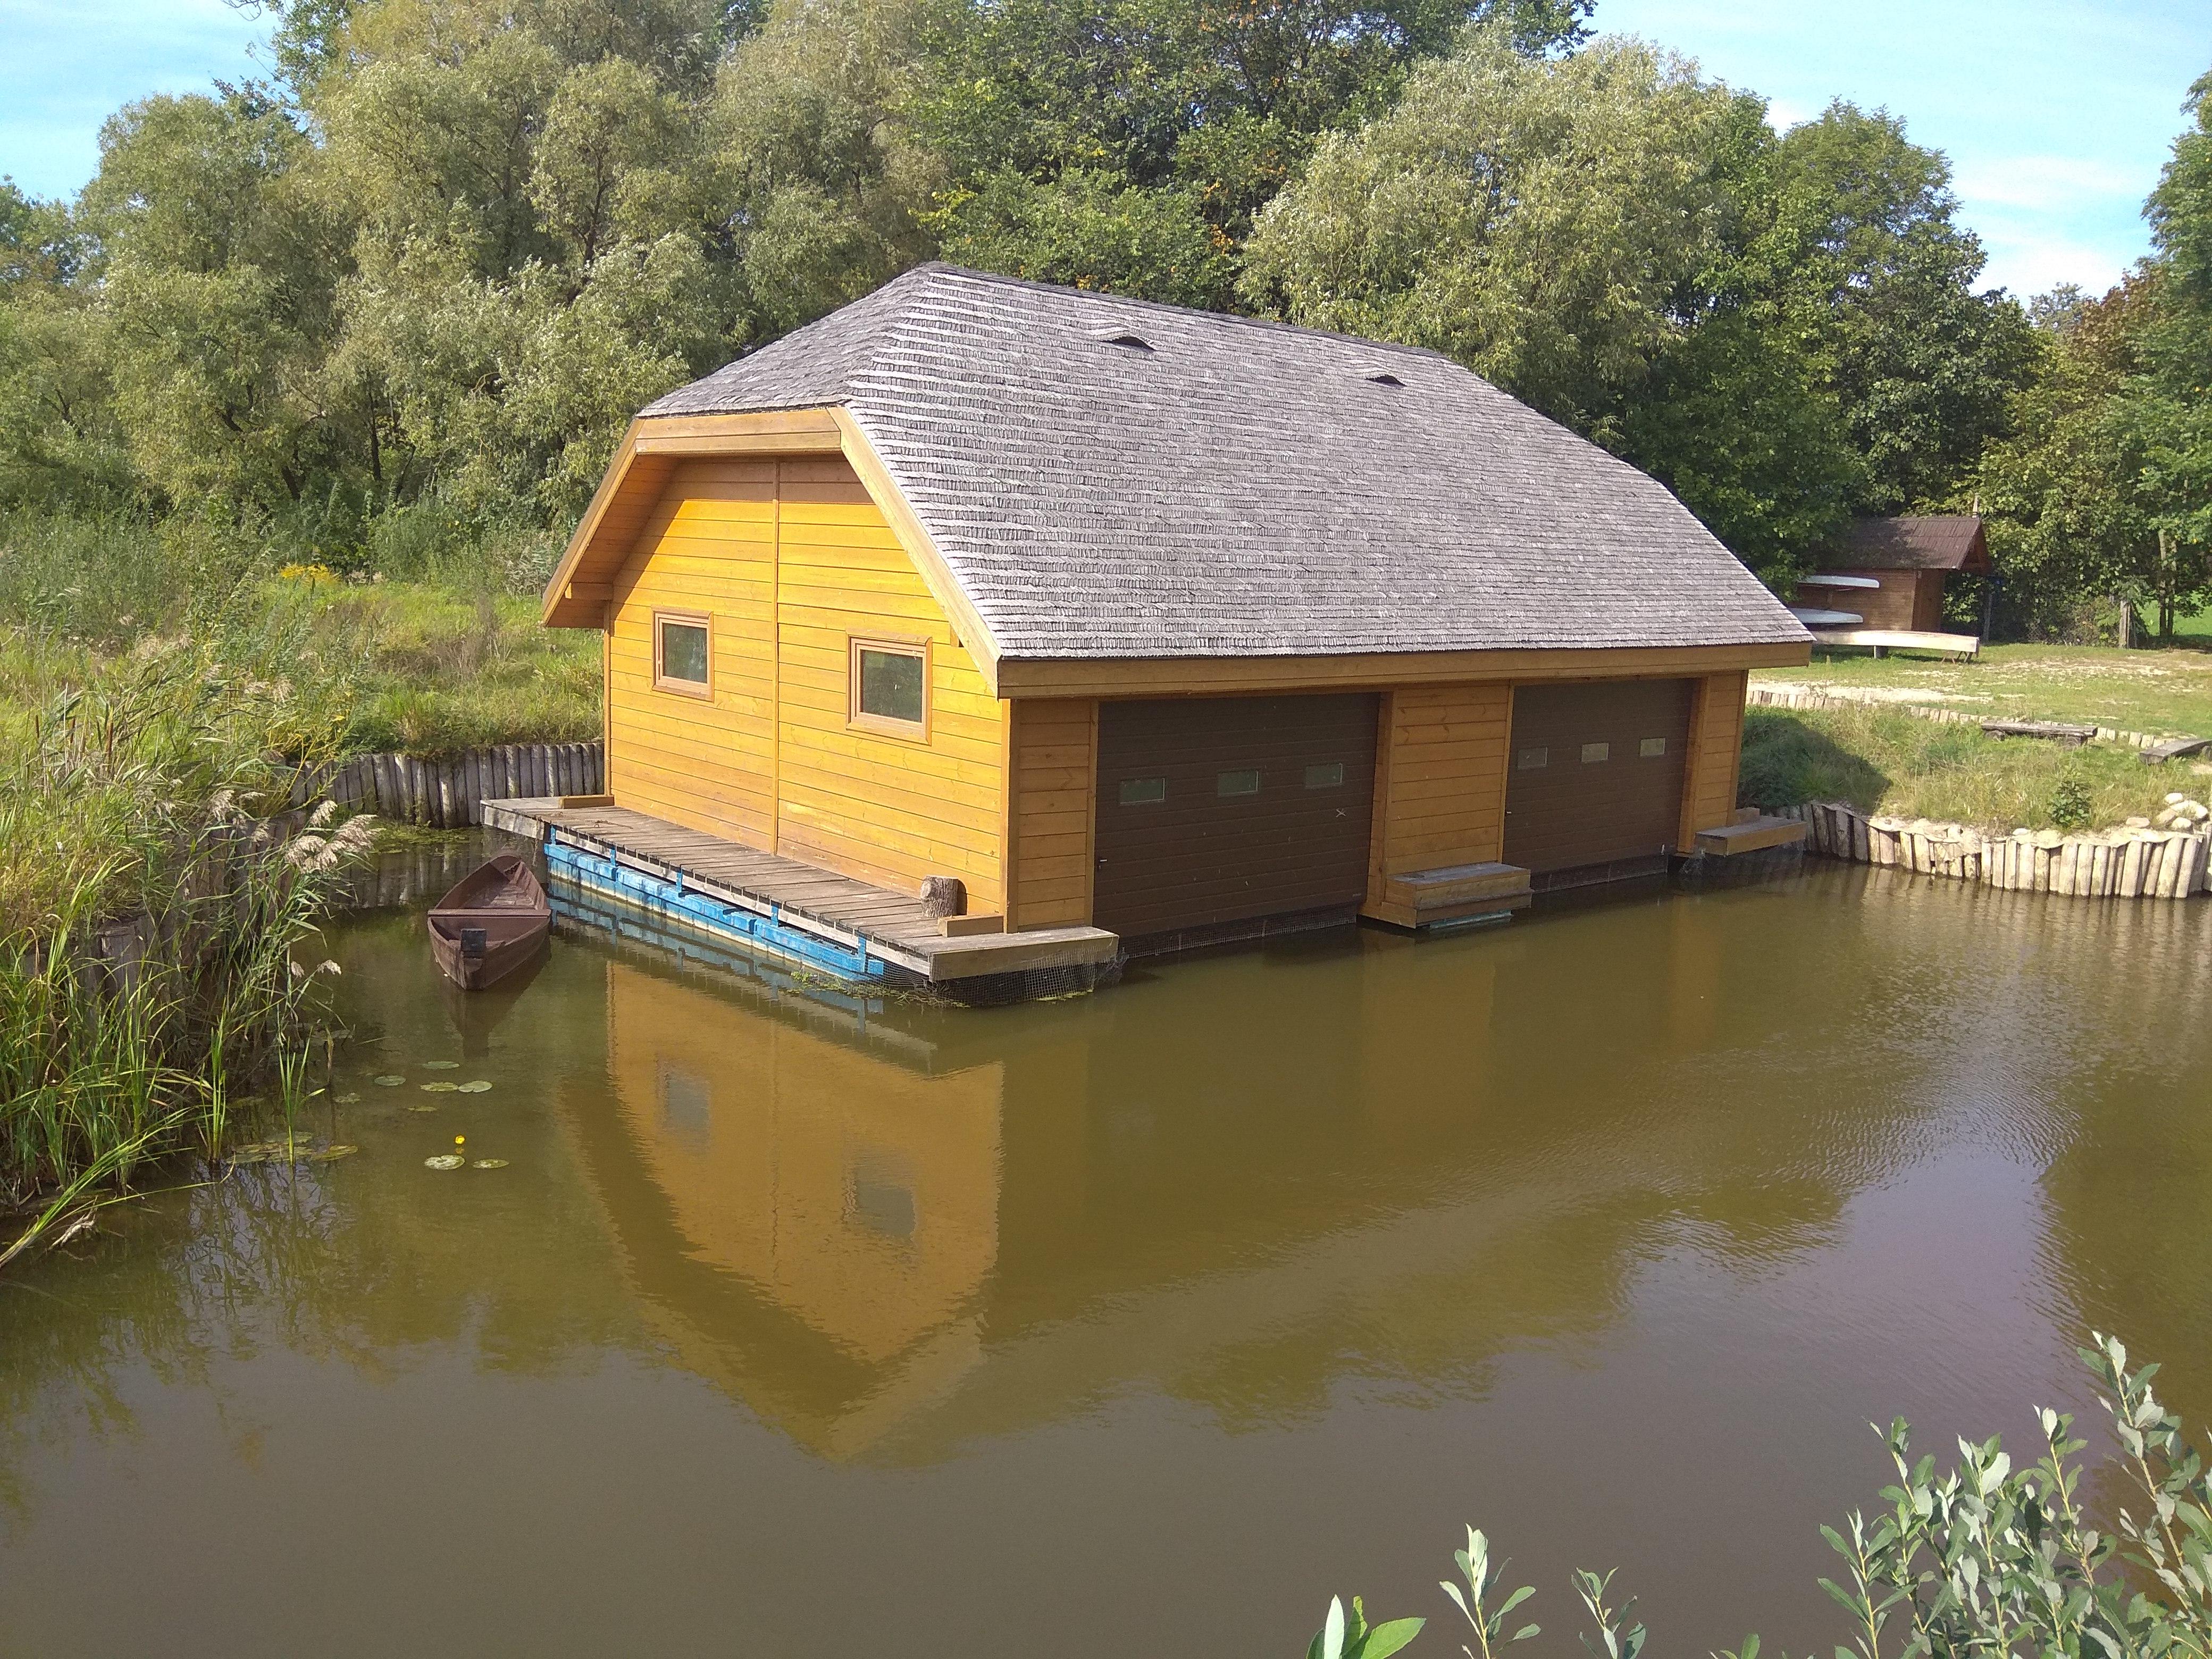 Drewniany, żółty domek osadzony na wodzie, to przystań łodzi strażników Narwiańskiego Parku Narodowego.